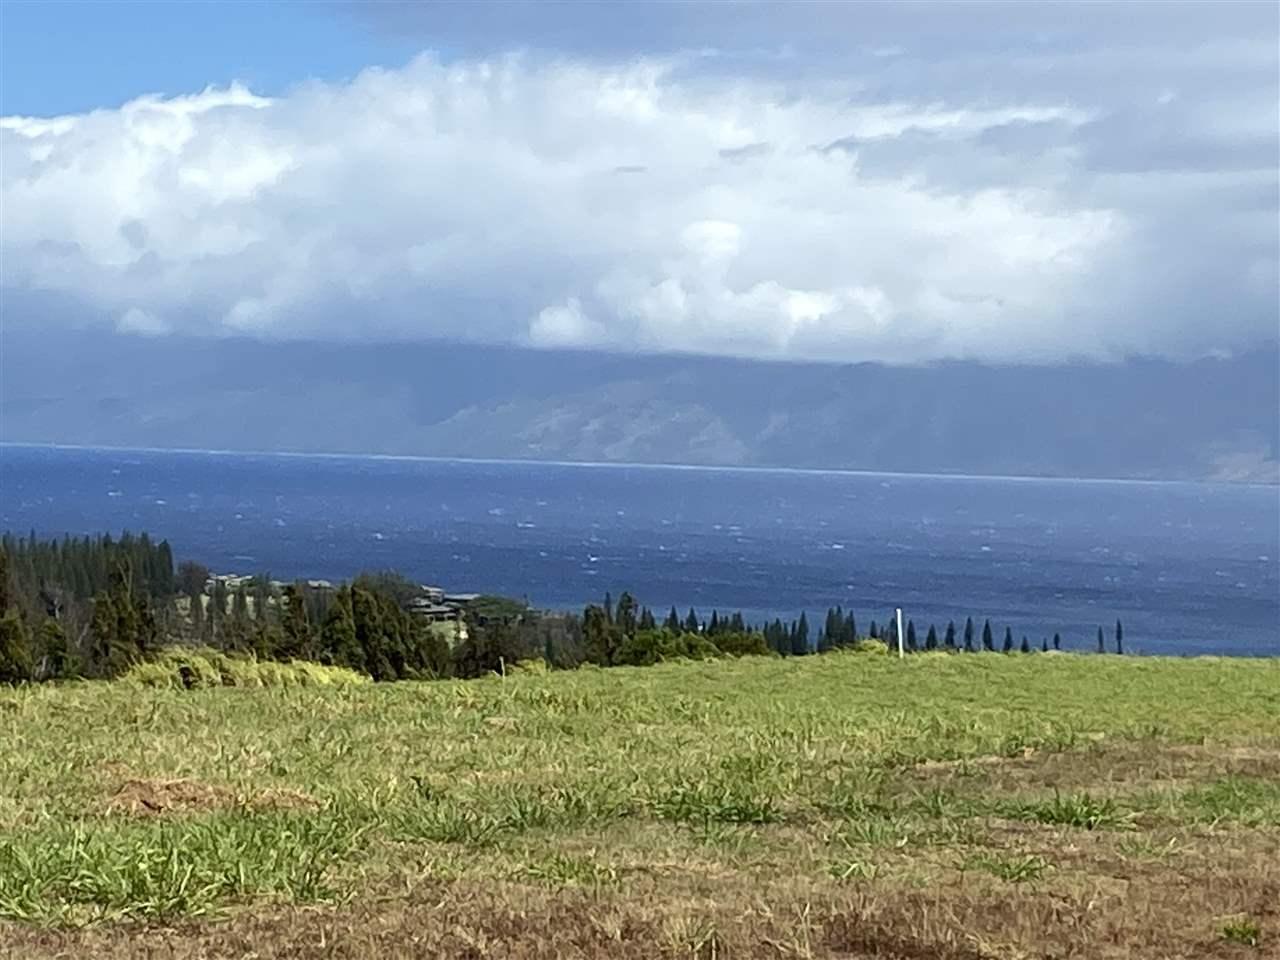 630 Mahana Ridge St Lot 38 Lahaina, Hi 96761 vacant land - photo 1 of 1